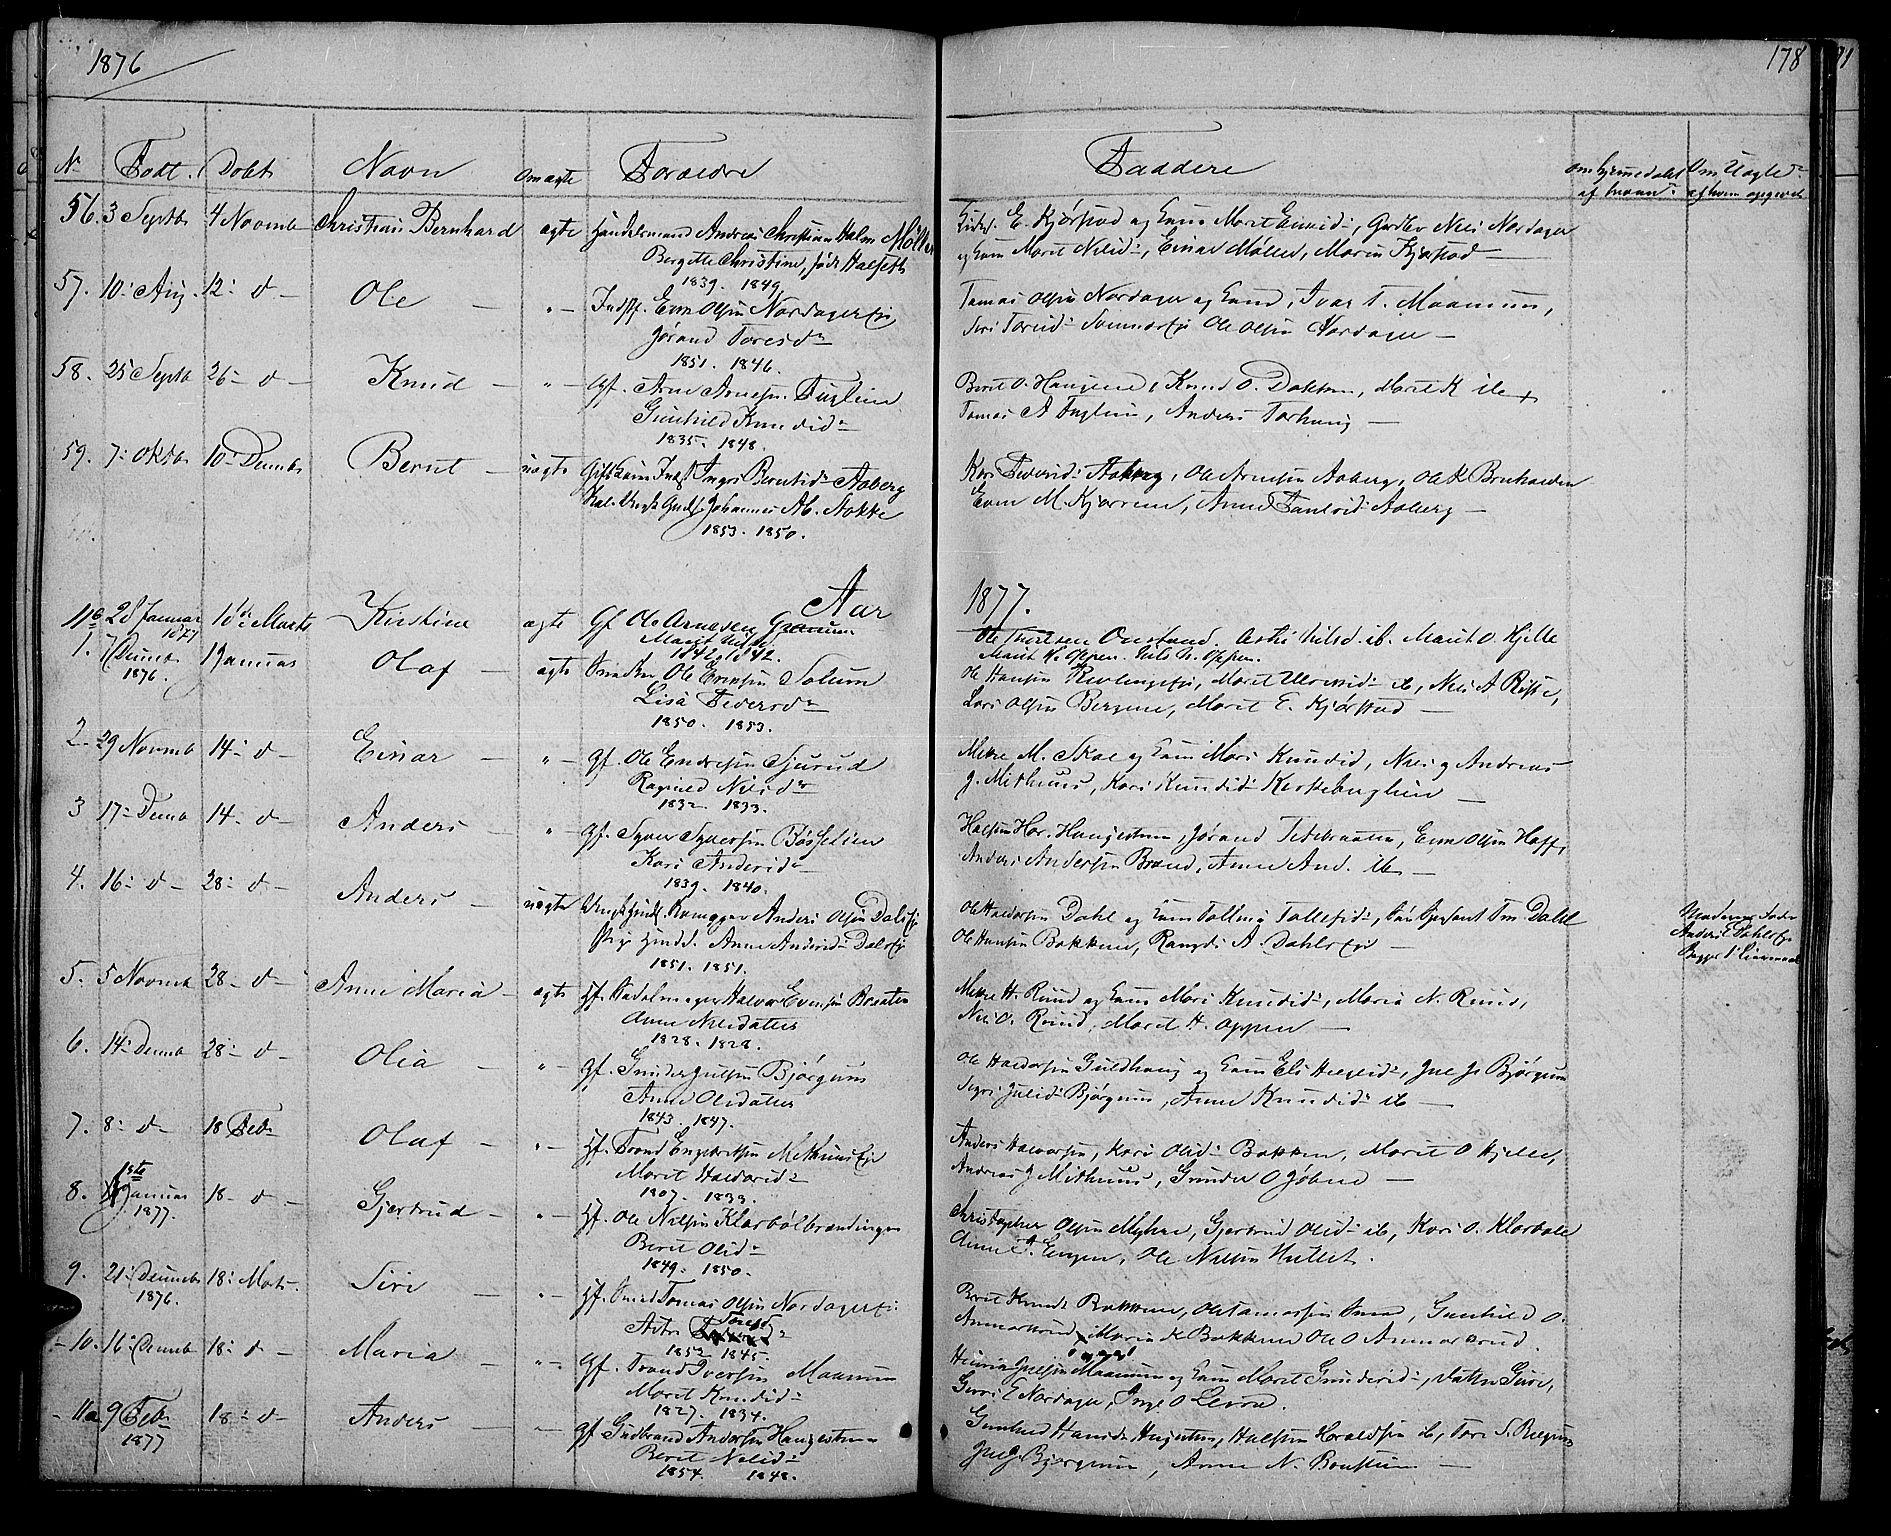 SAH, Nord-Aurdal prestekontor, Klokkerbok nr. 2, 1842-1877, s. 178